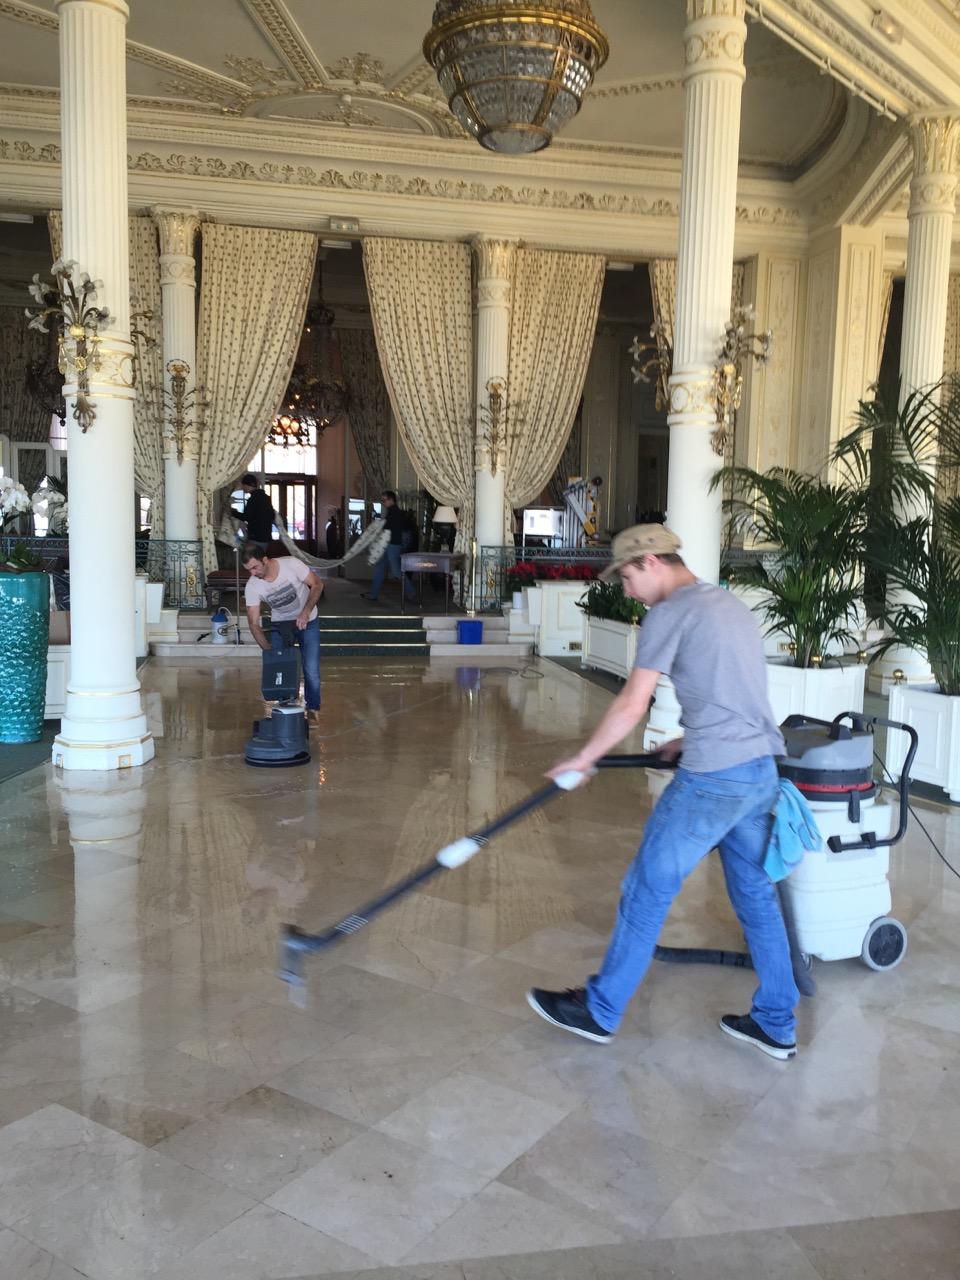 Nettoyage Sol nettoyage de marbres - Nettoyage industriel Wonder Cleaner-3